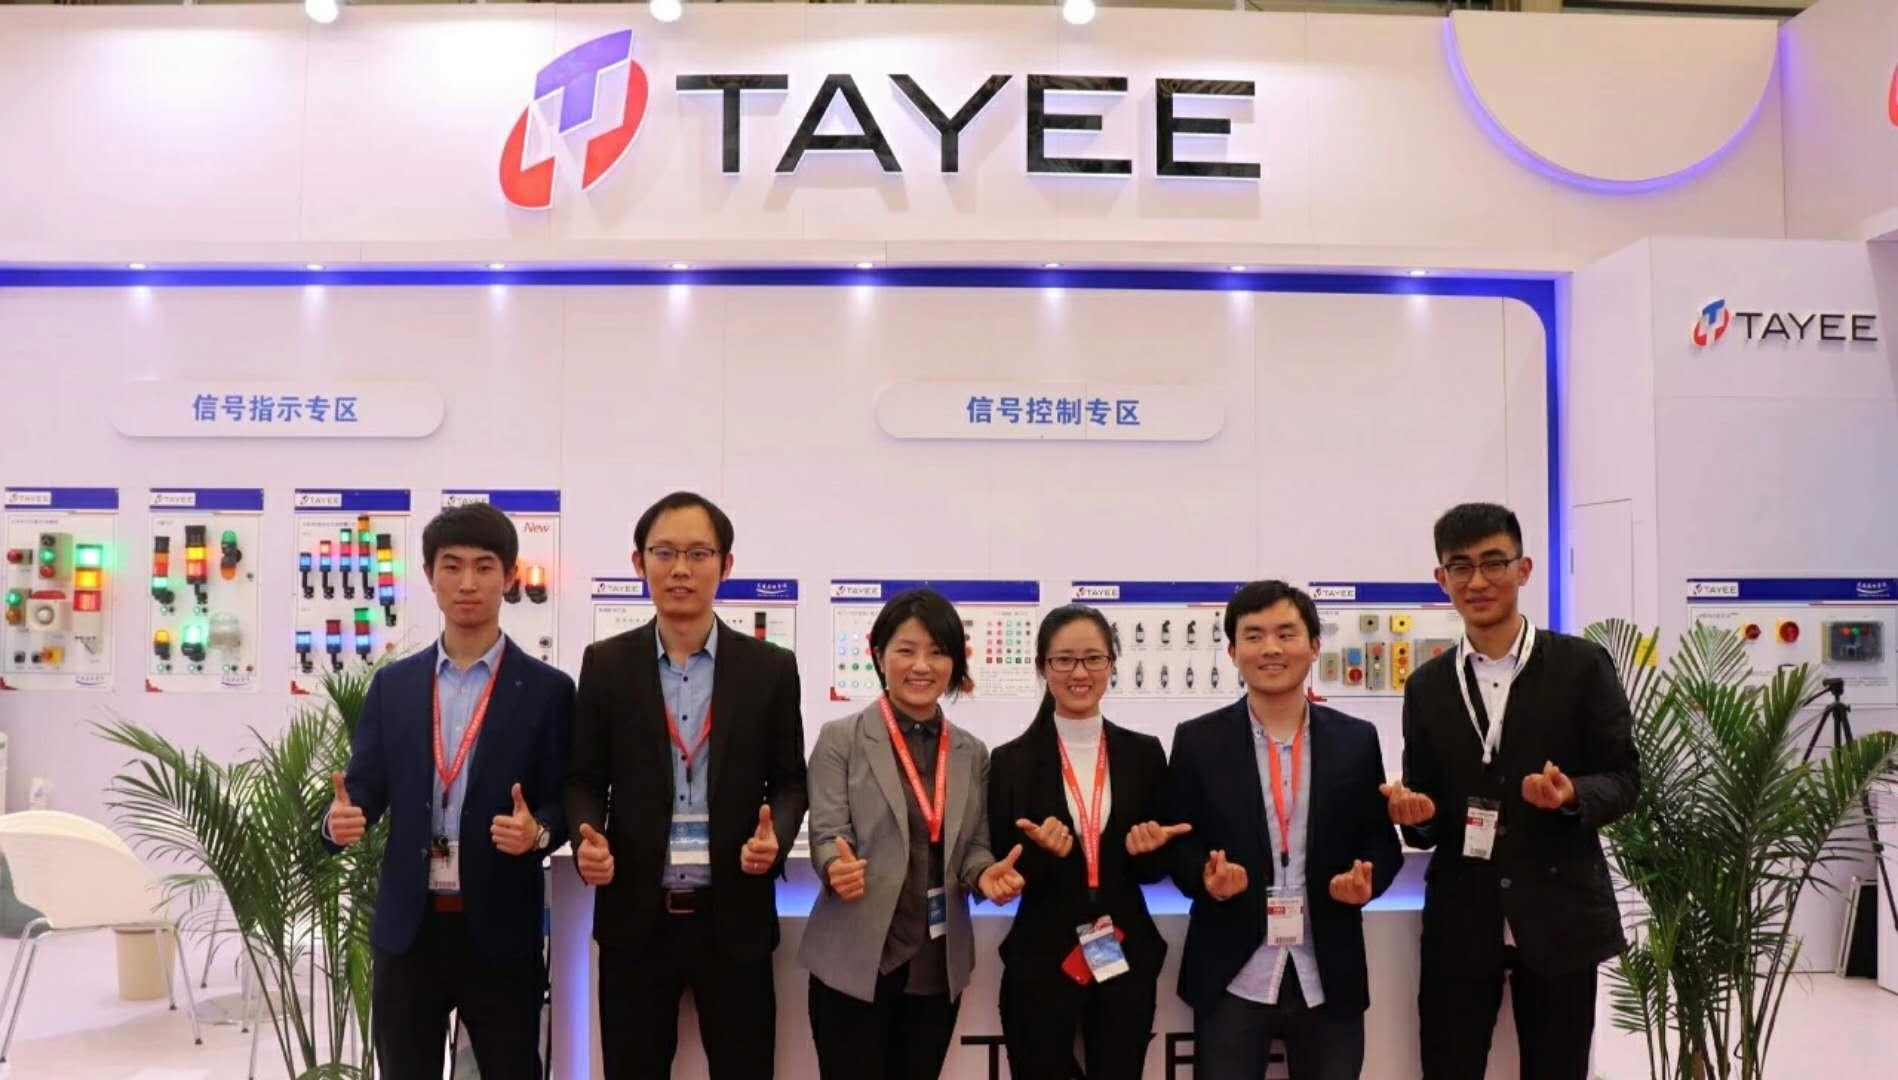 天逸电器邀您一起参观第十届中国数控机床展